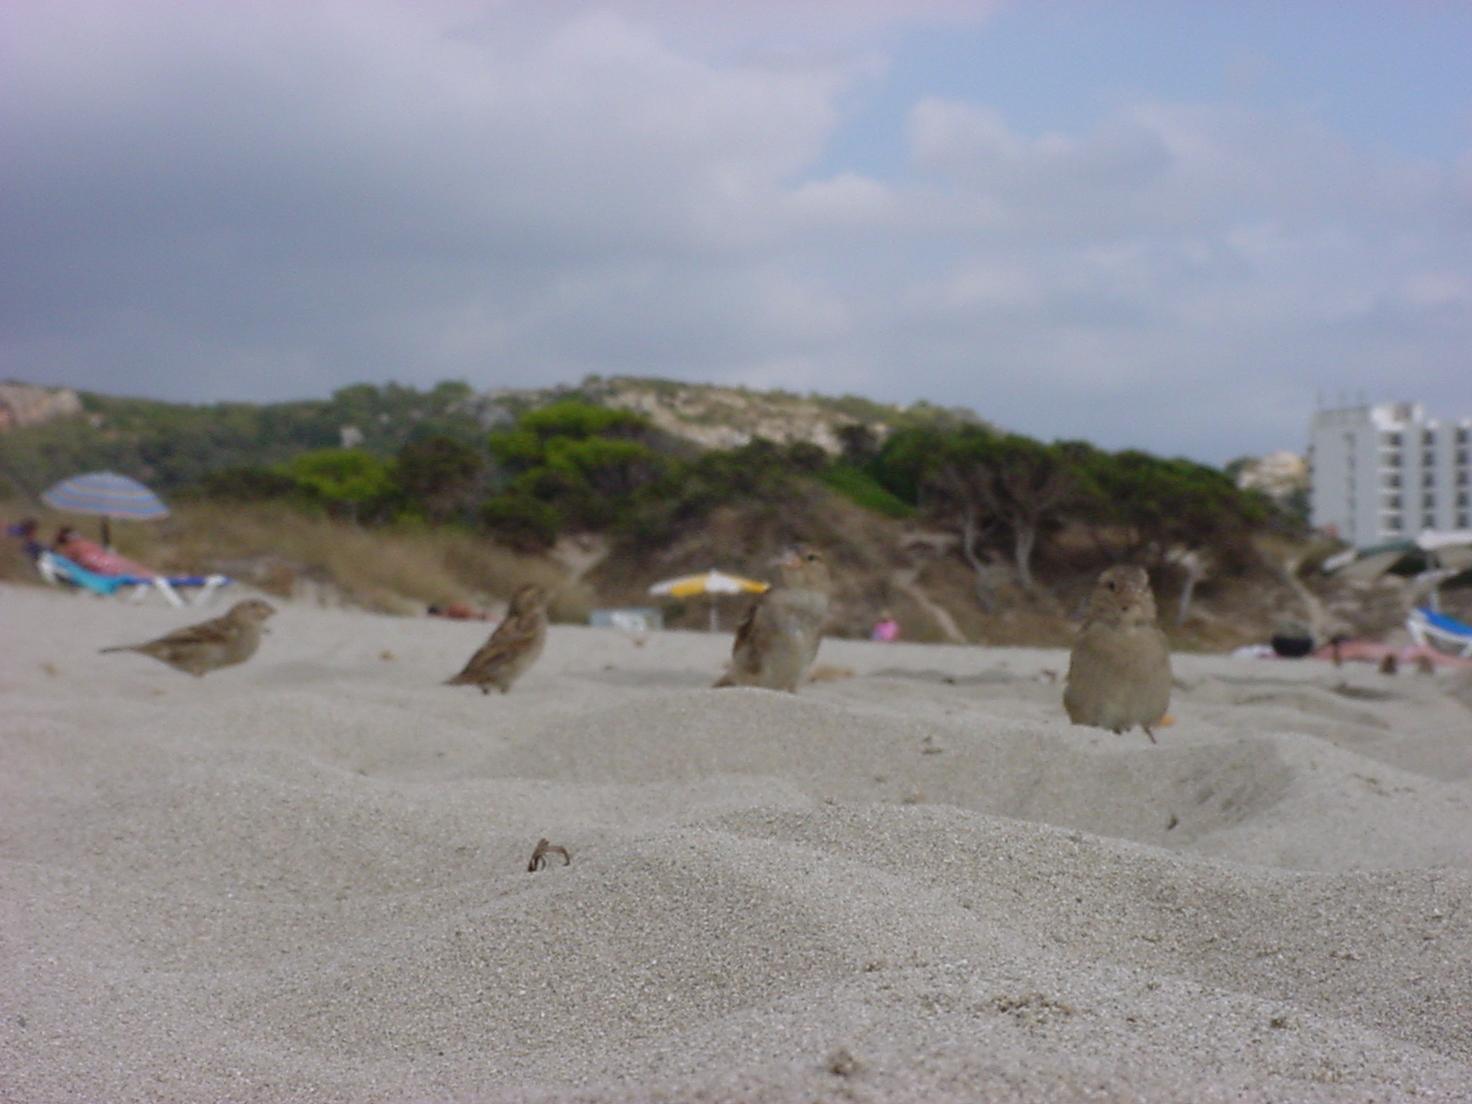 insektokutor four little birds on the beach fluffy bird